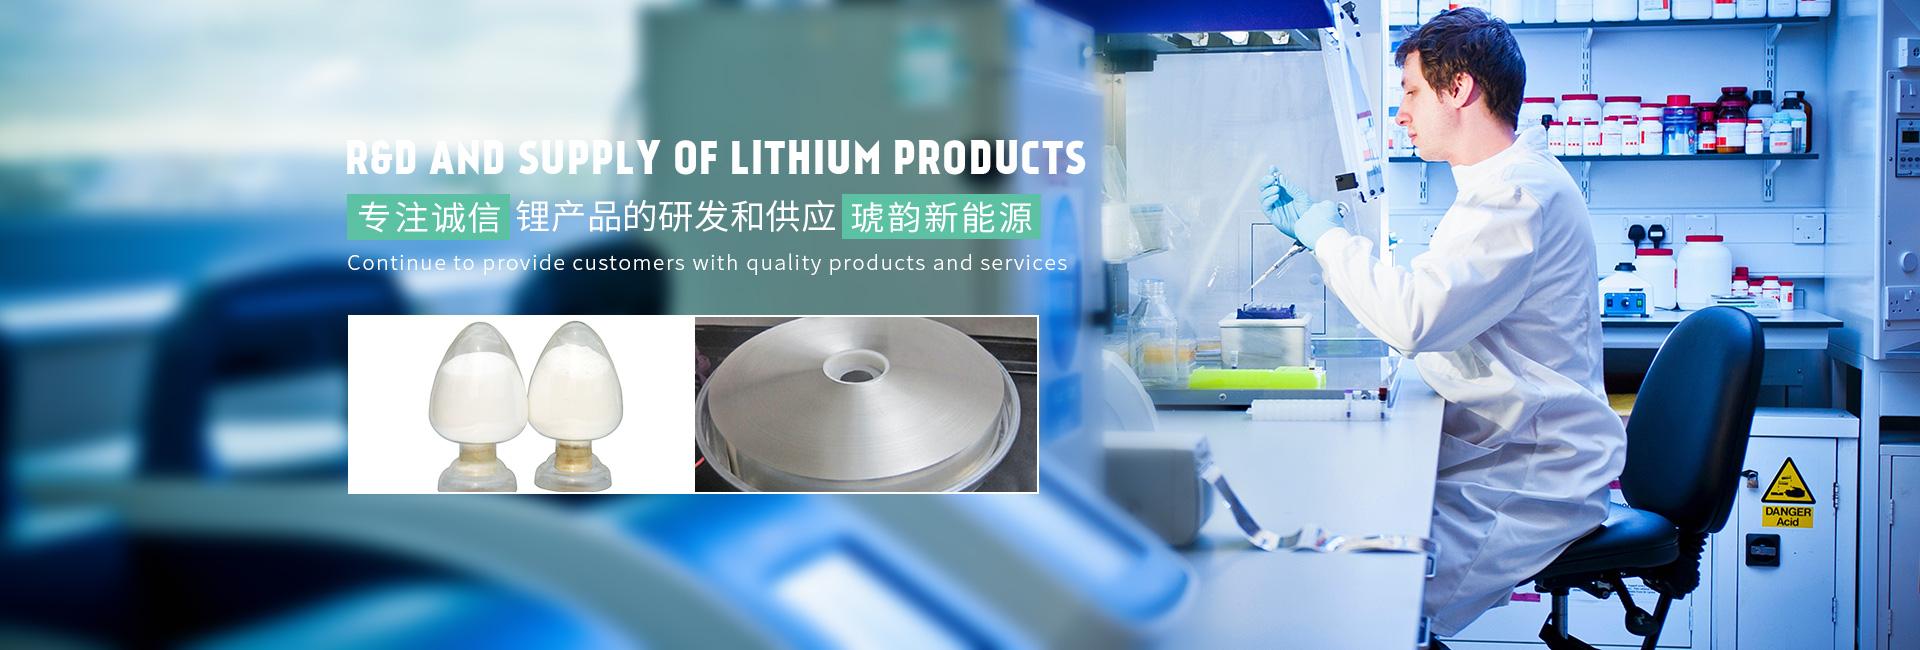 上海琥韵新能源有限公司